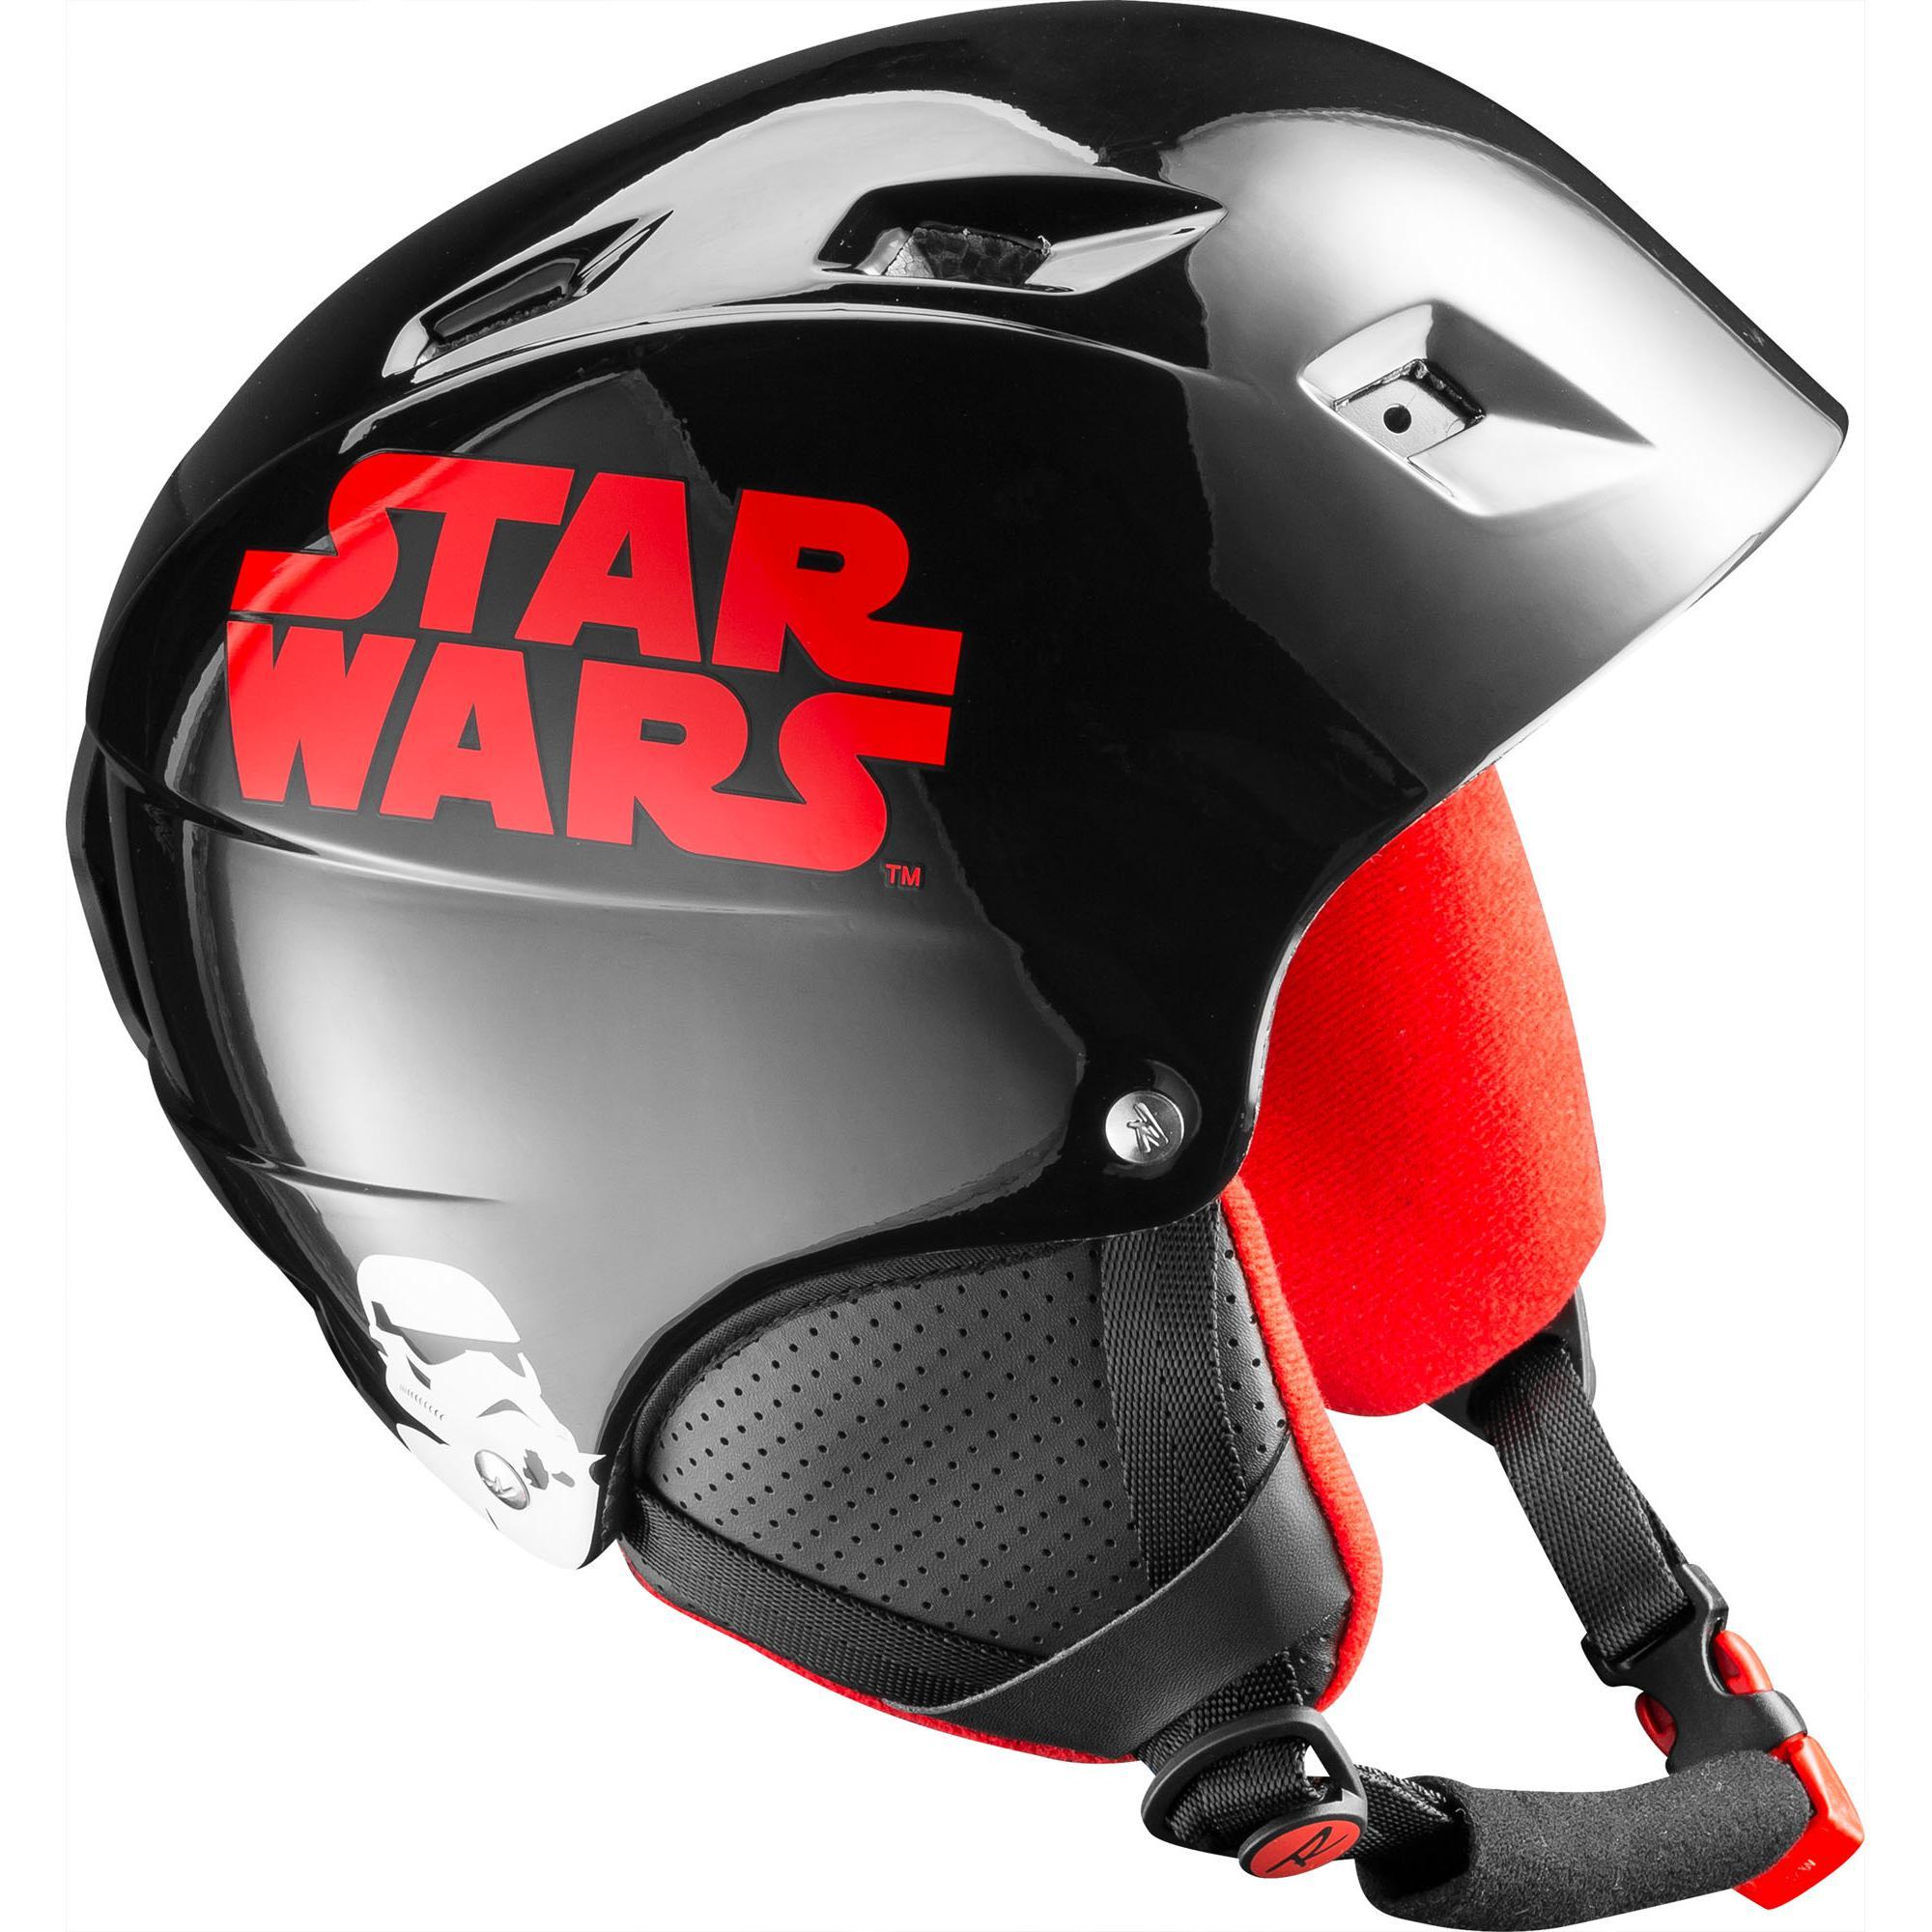 Helmet Comp J Star Wars Noir